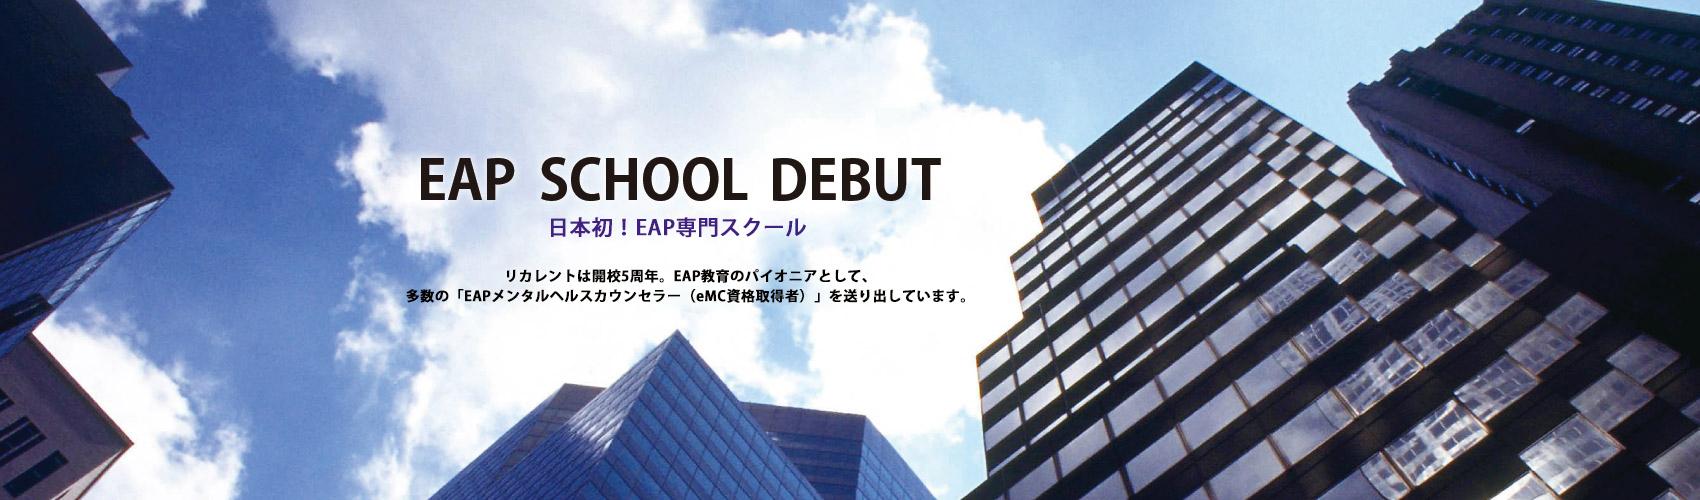 日本初!EAP専門スクール